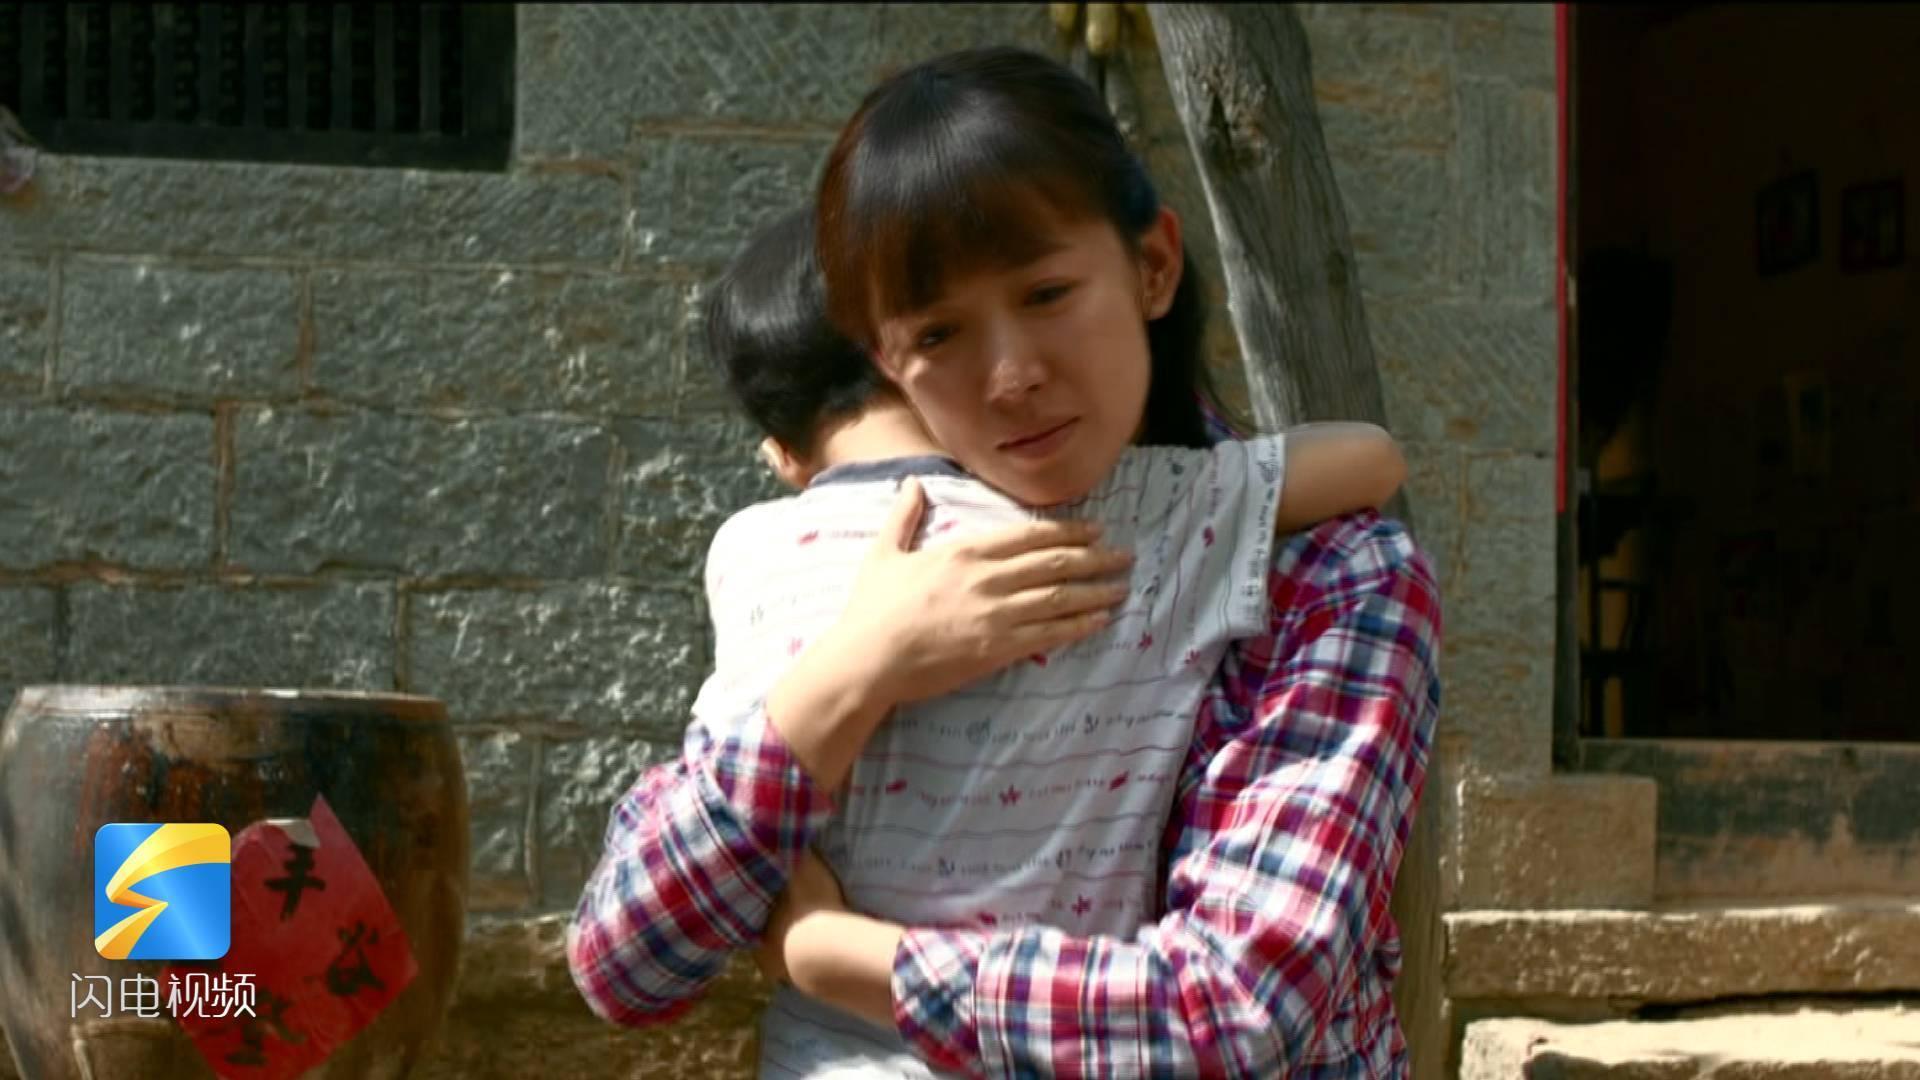 感恩母亲 传递温情 山东本土电影《你在我的世界里》今日上映